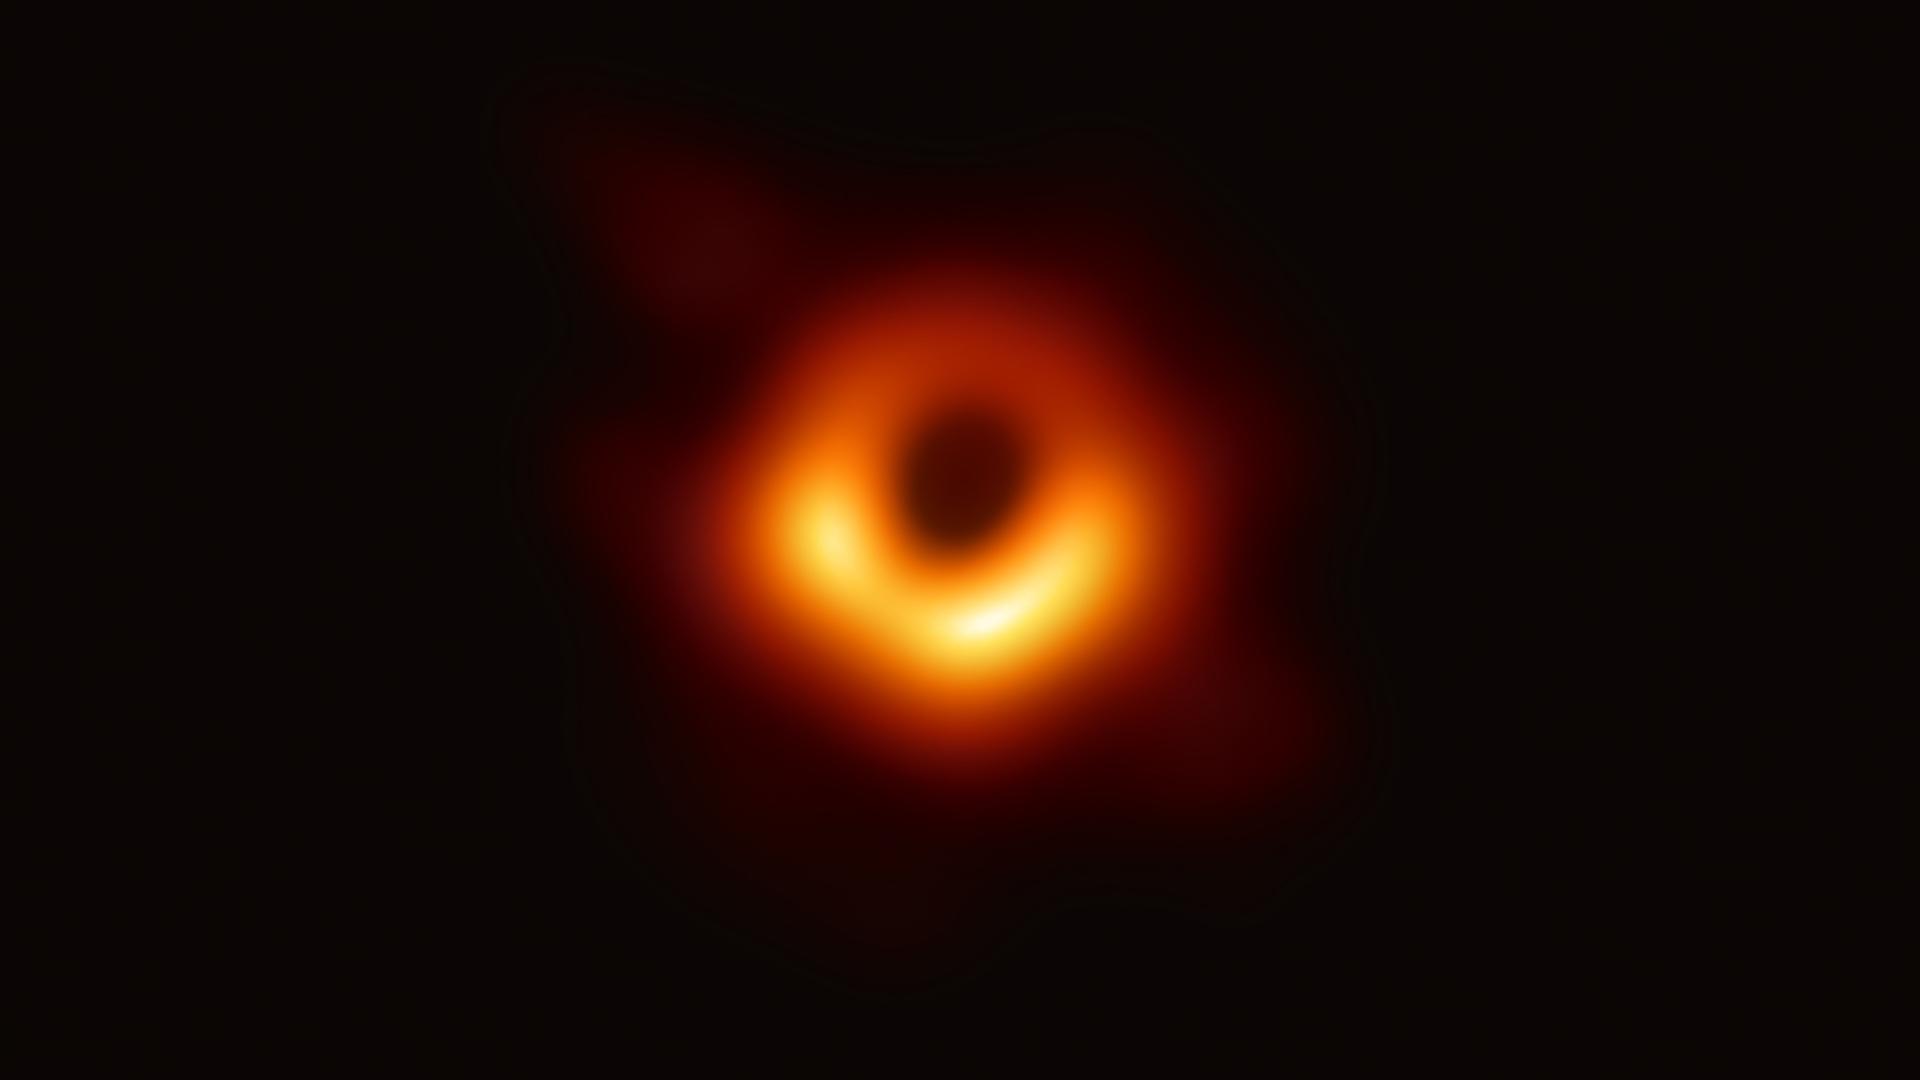 La primera imagen de un agujero negro, tomada en la galaxia Messier 87 (Colaboración del Telescopio de Horizonte de Eventos (EHT) vía la Fundación Nacional para la Ciencia de Estados Unidos)